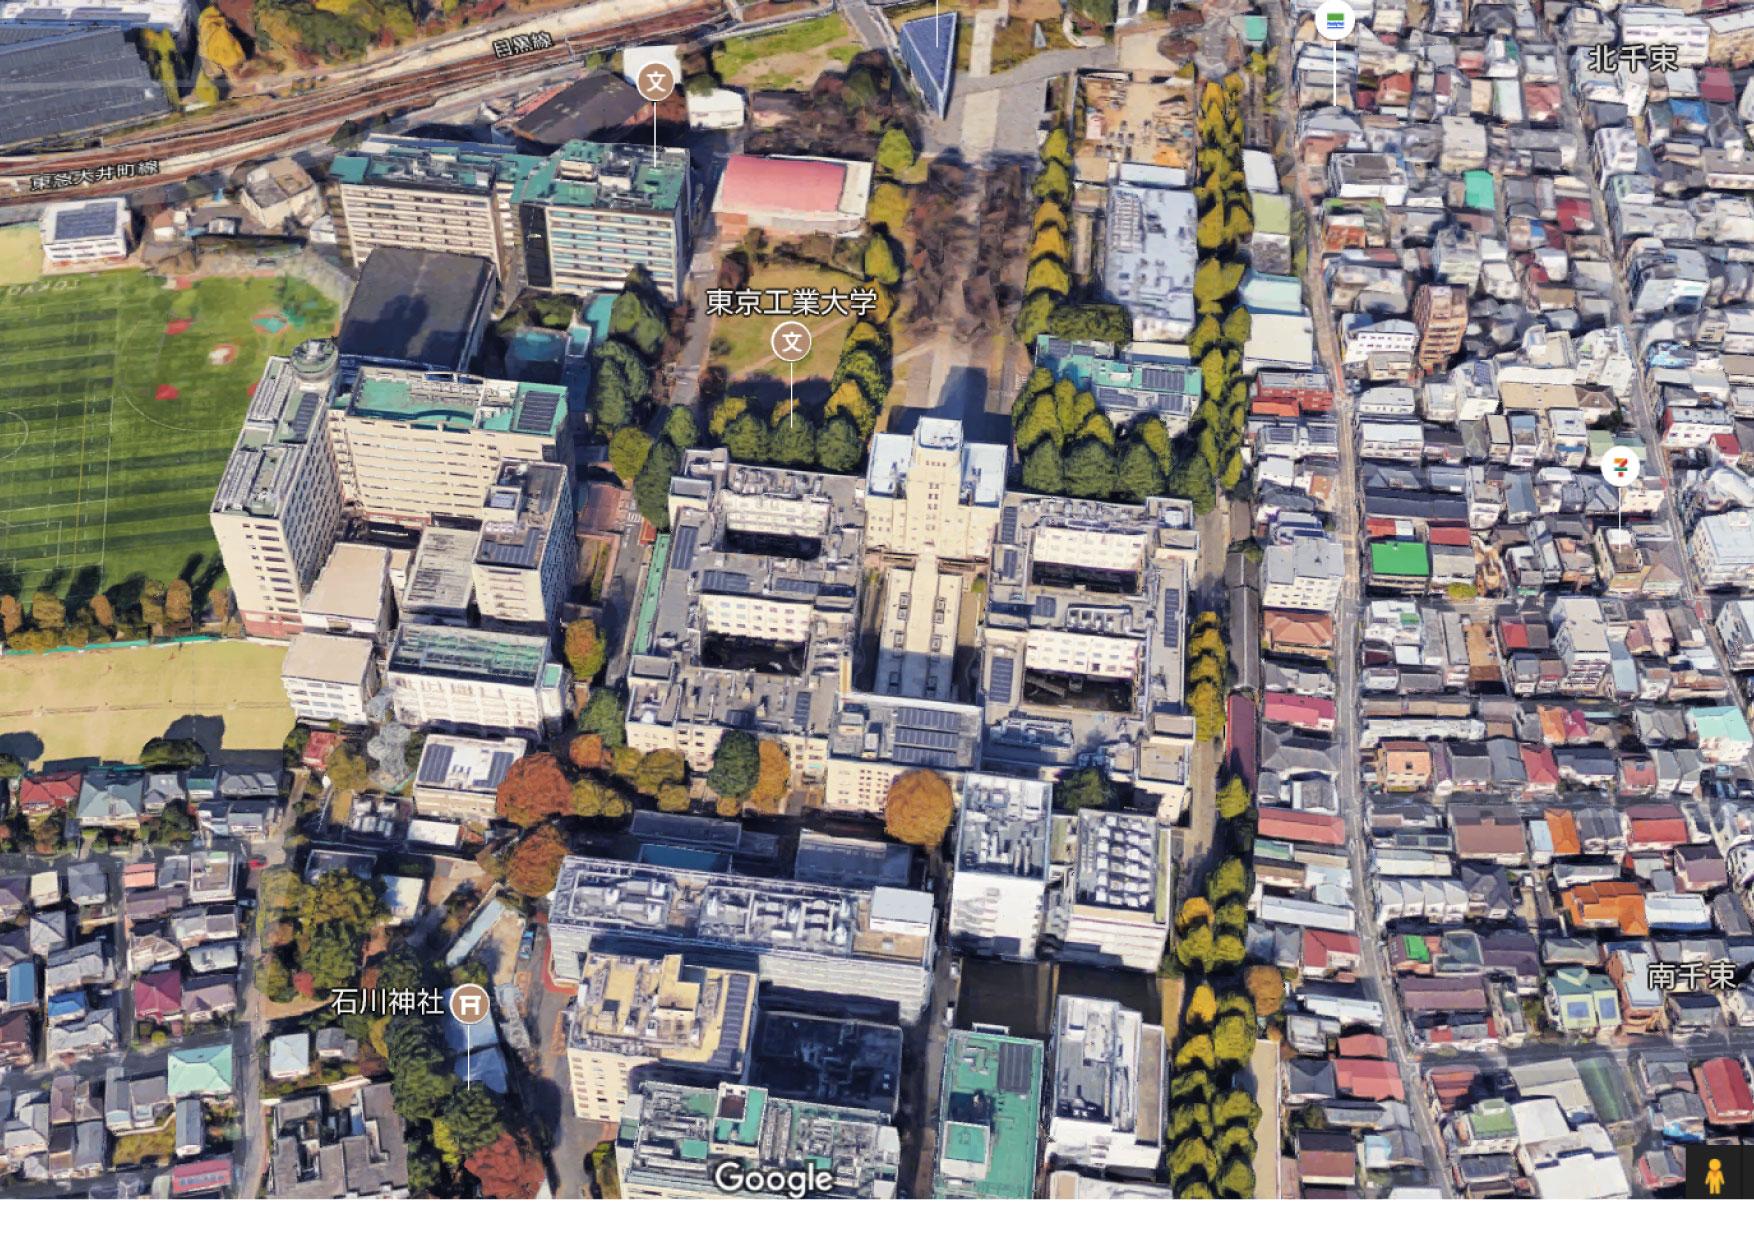 東京工業大学(東工大)本館の空撮 Google Earthより 斜め上からの眺め